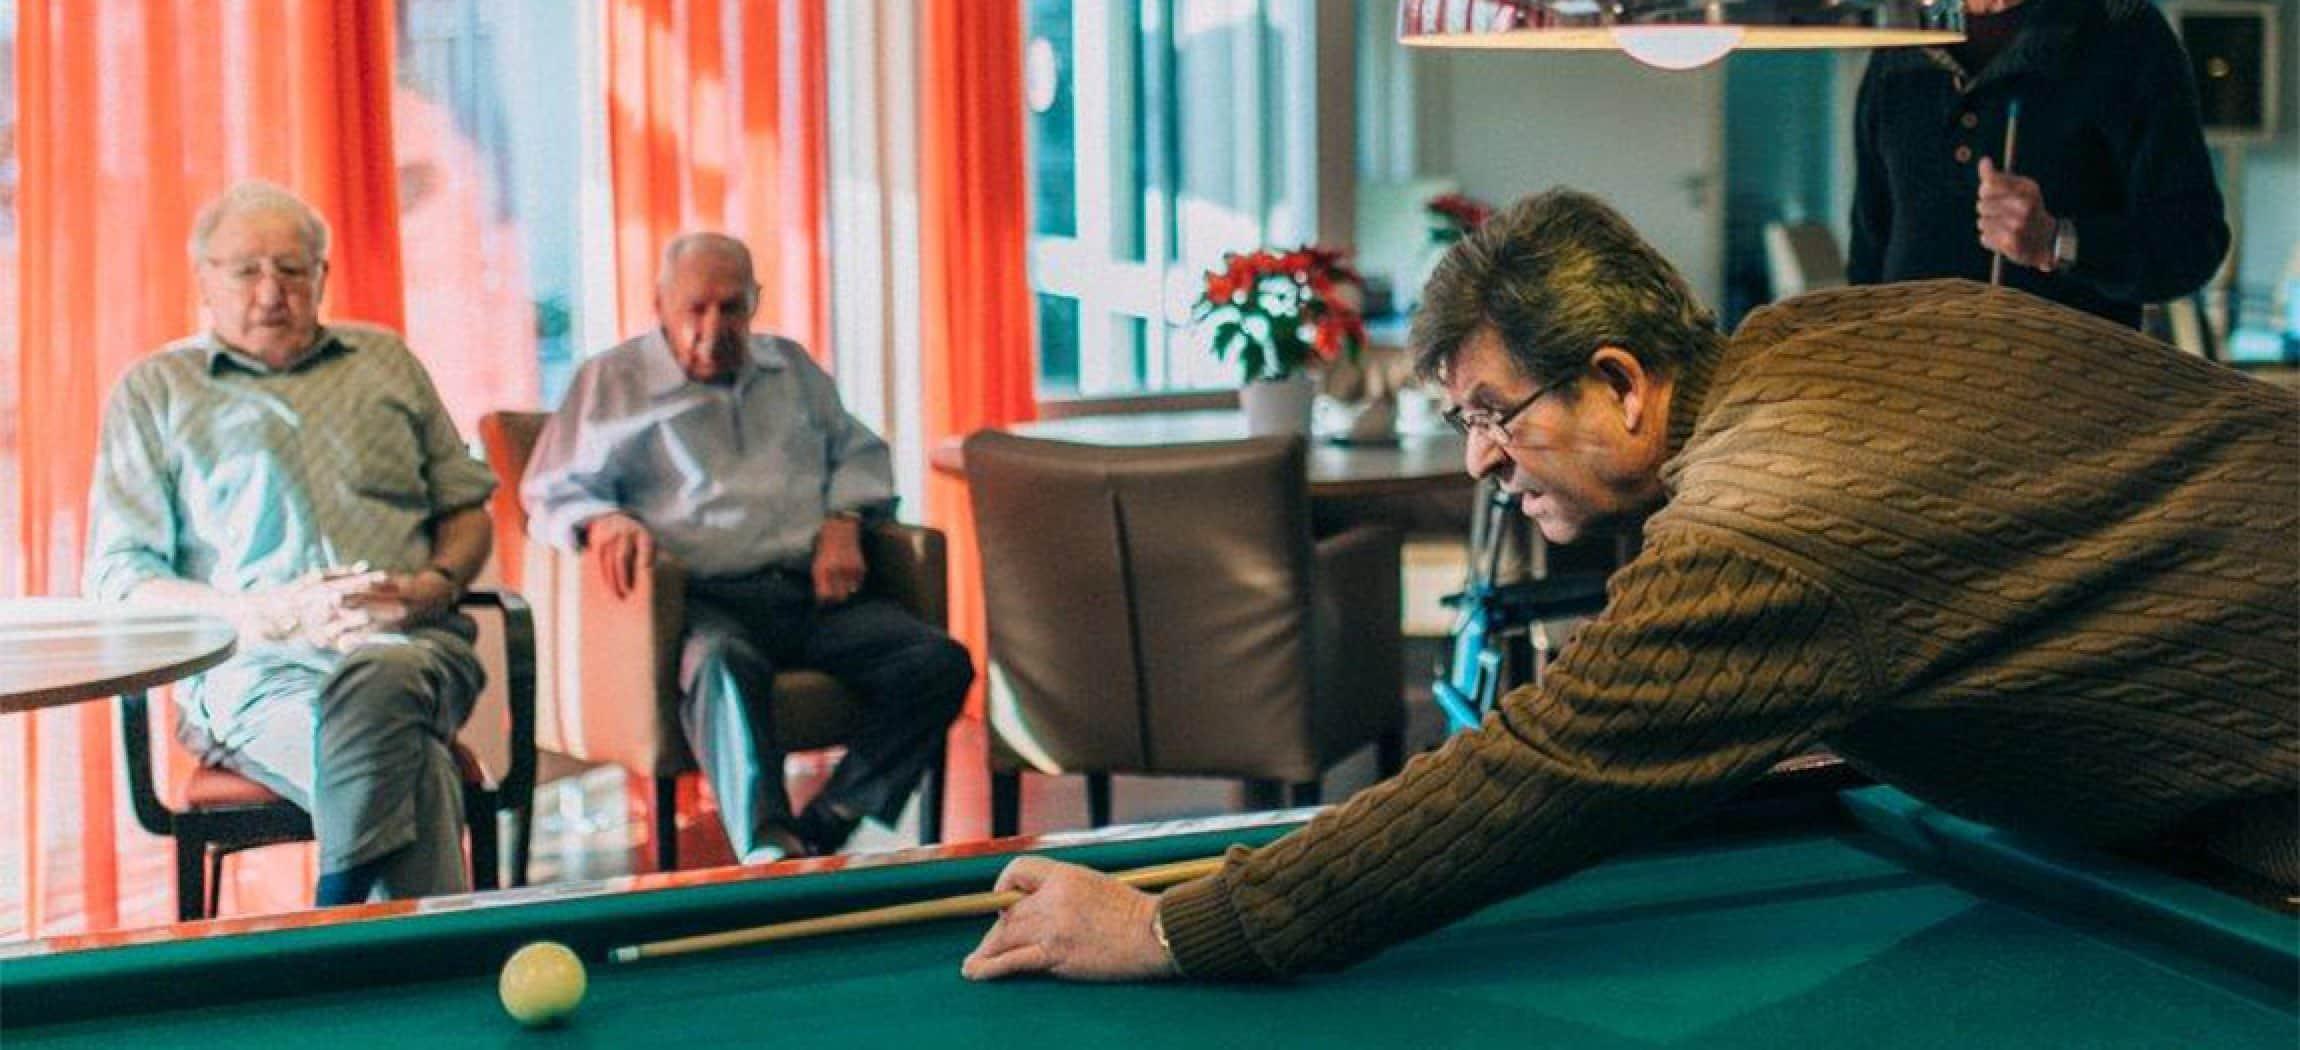 Afbeelding van De Rietvinck: kleinschalig wonen bij dementie